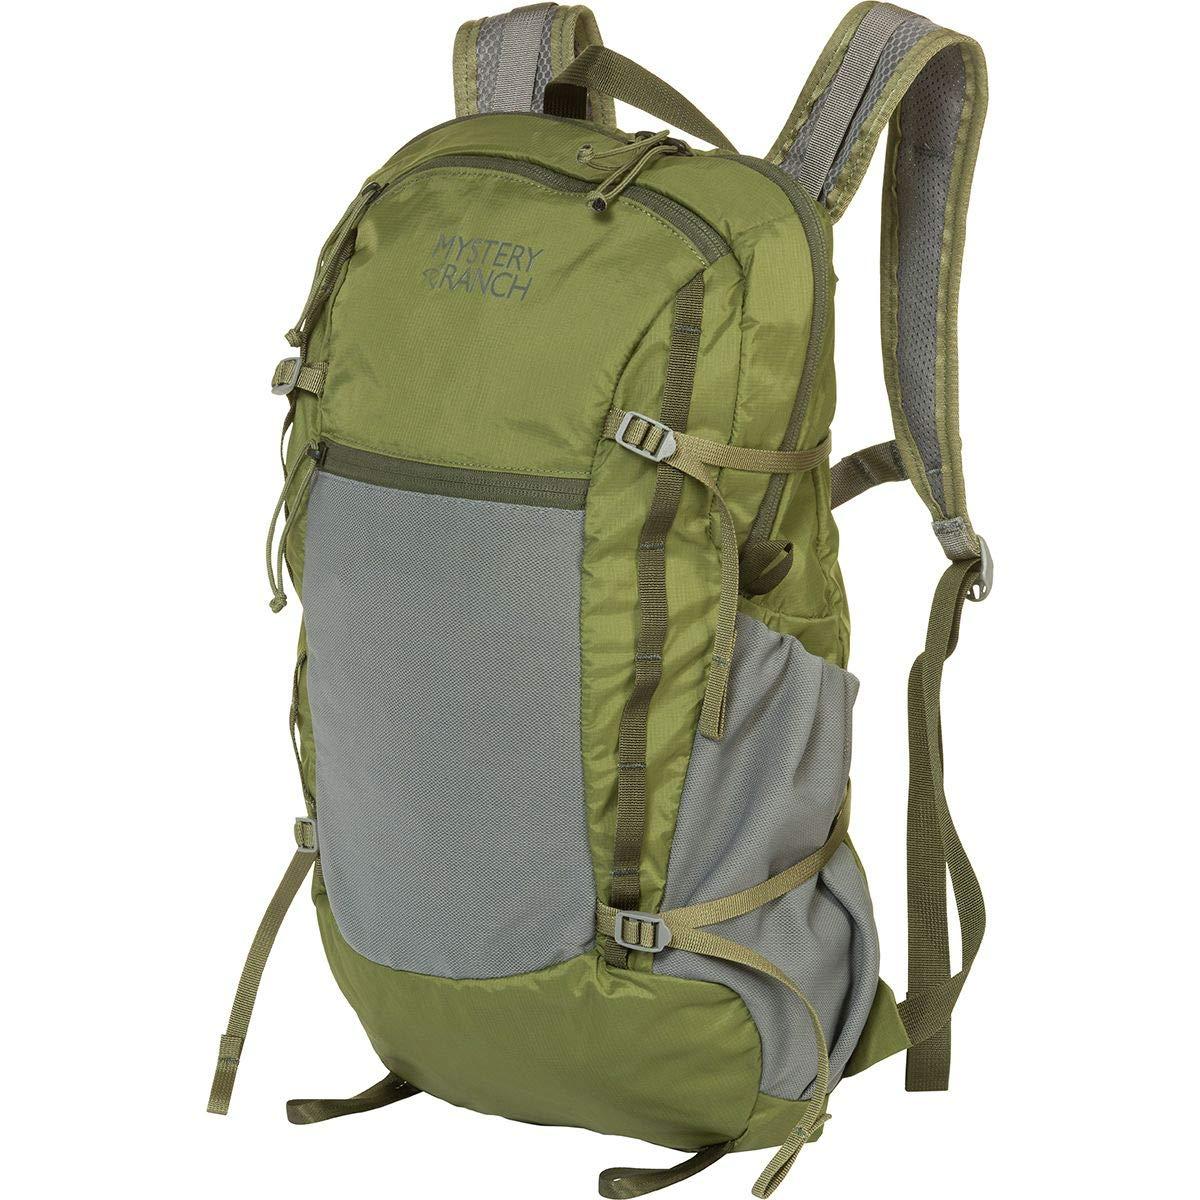 [ミステリーランチ] メンズ バックパックリュックサック In & Out 19L Backpack [並行輸入品] No-Size  B07QRRN443